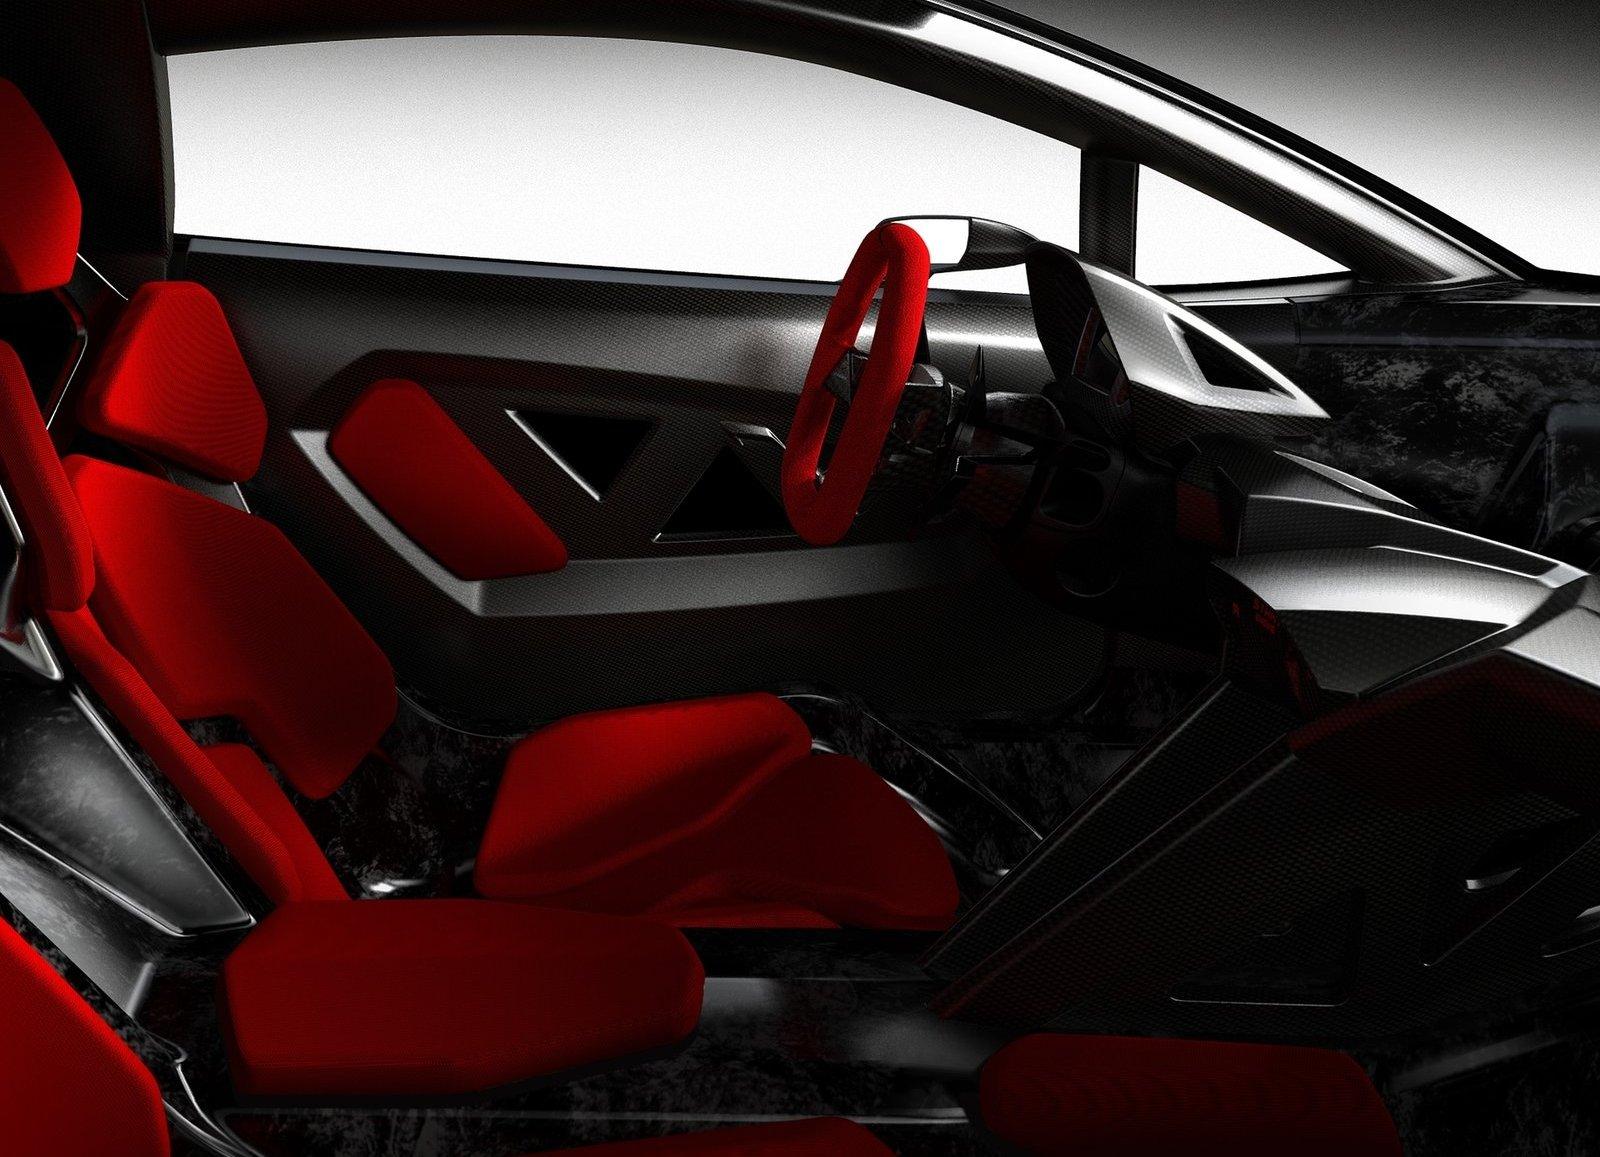 Lamborghini Sesto Elemento Concept 2010 (Paris Motor Show) 5